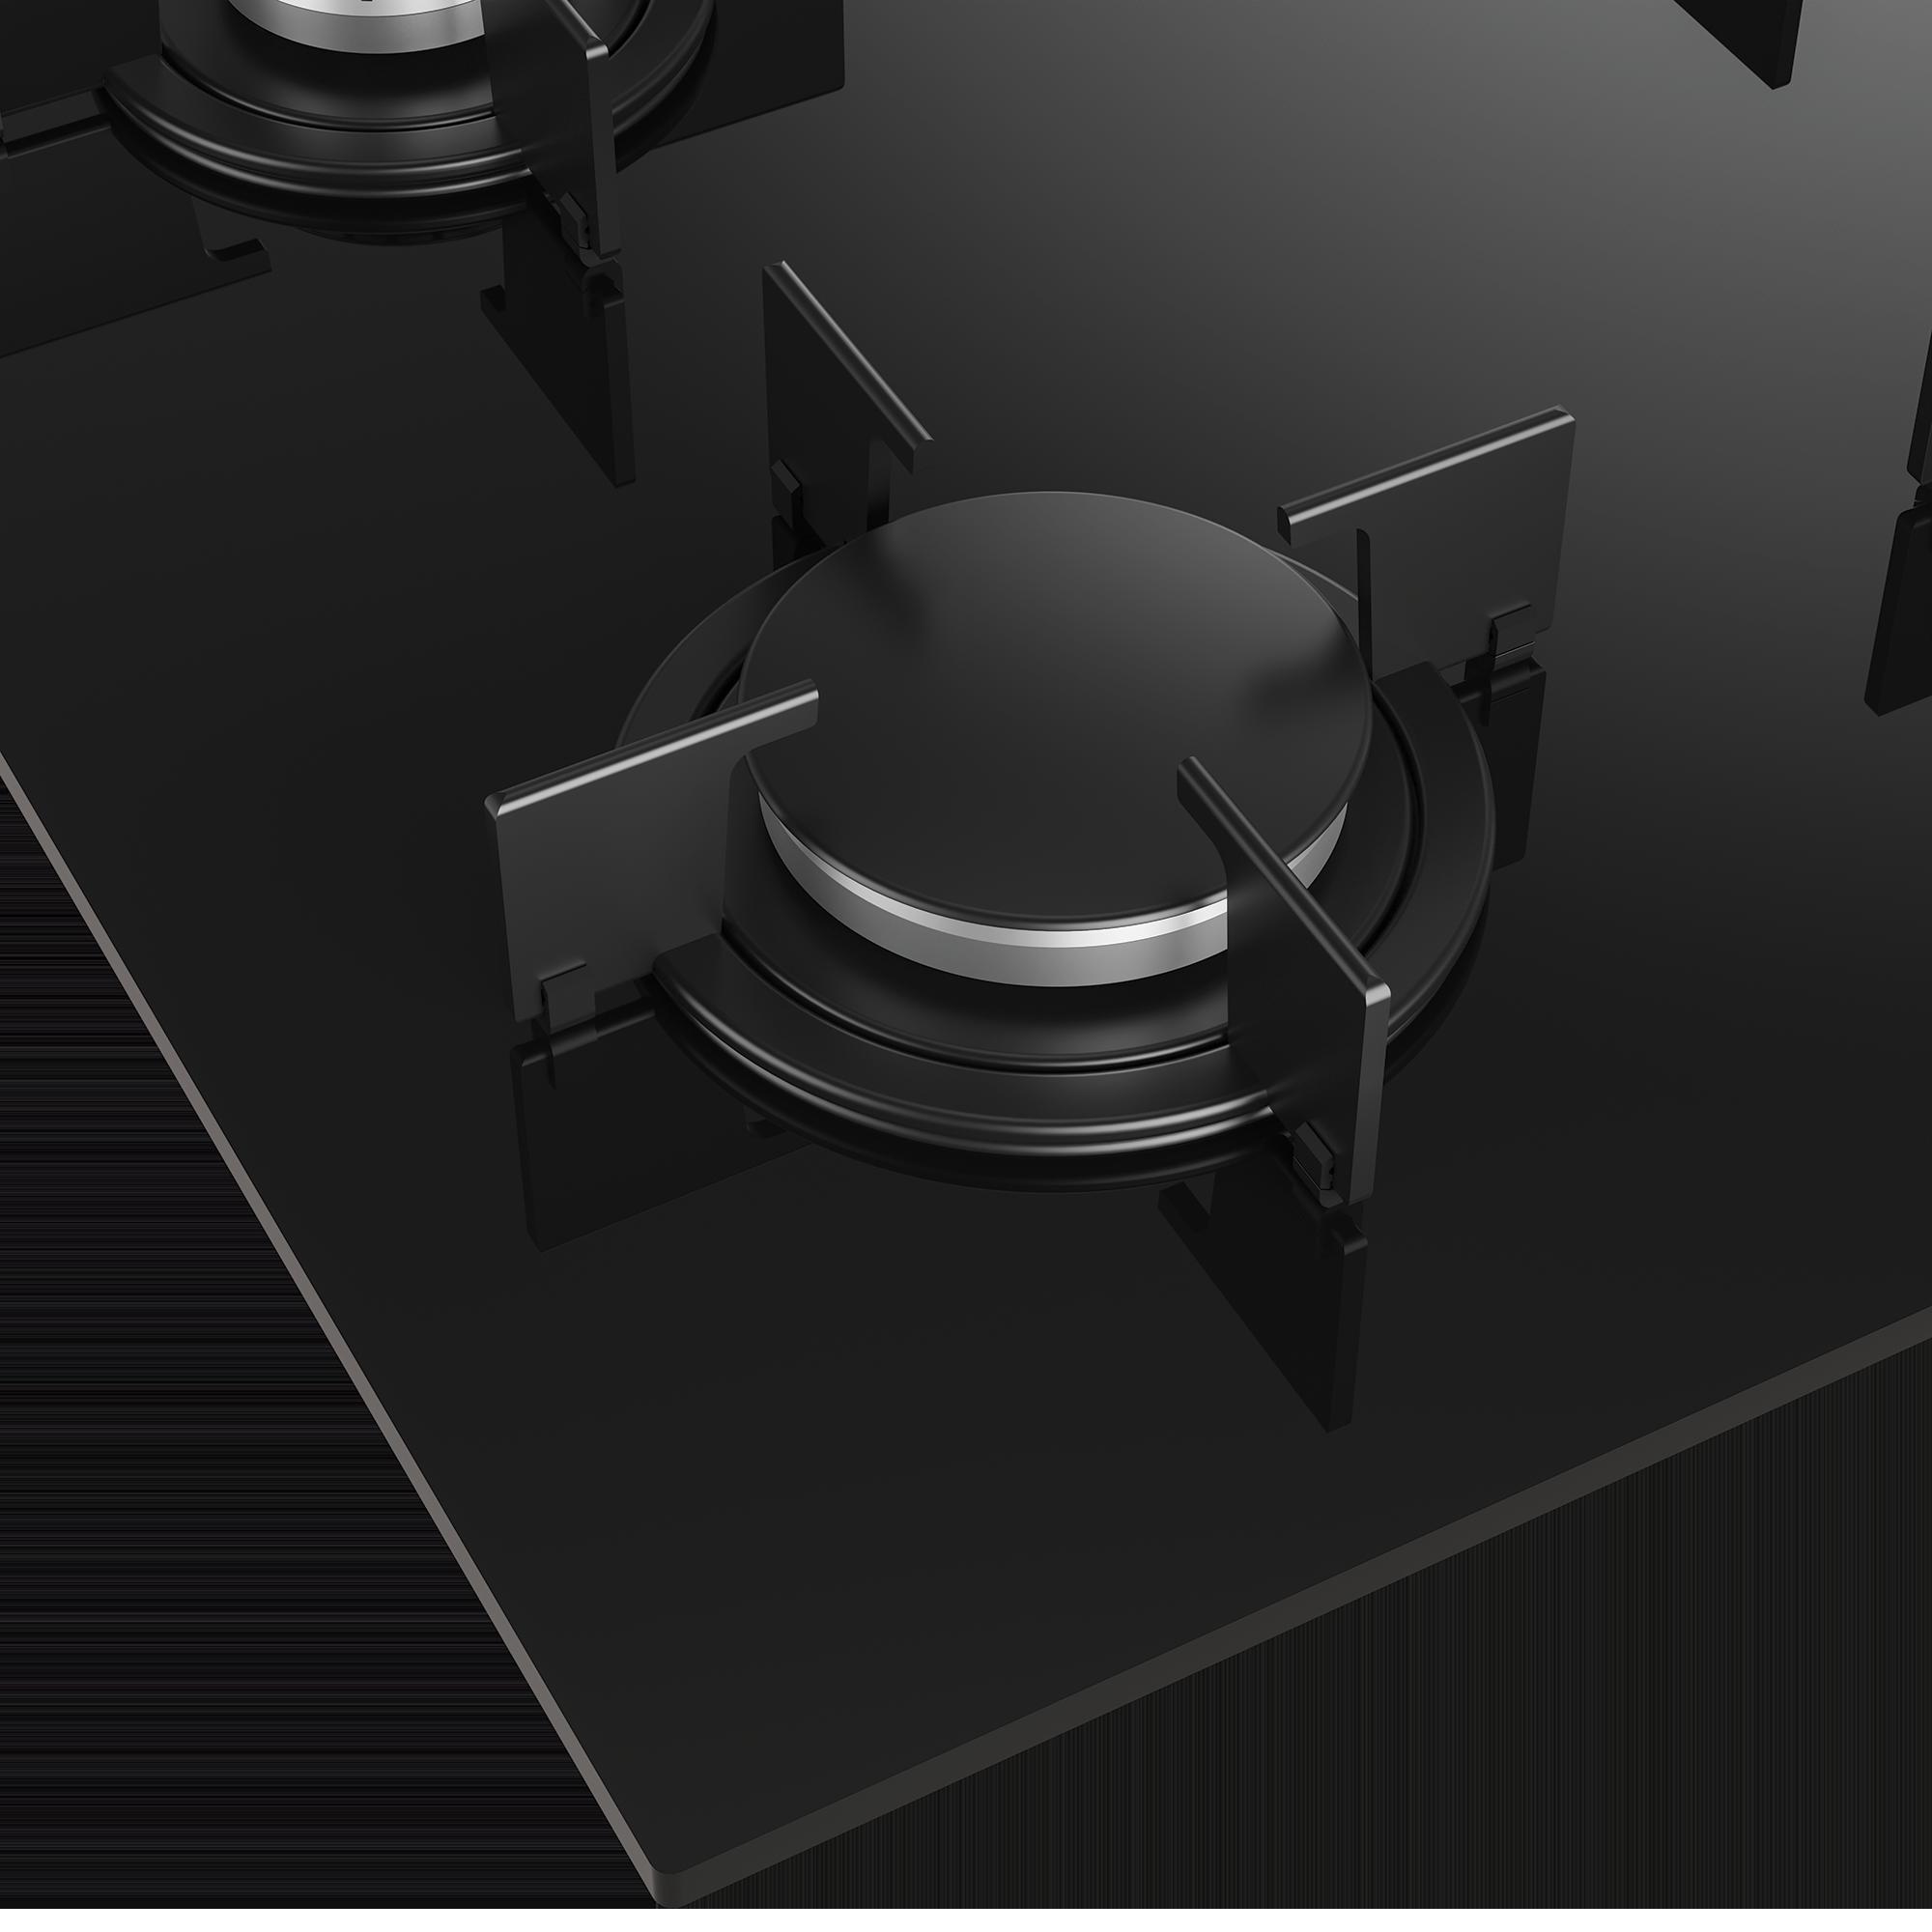 Table de cuisson encastrable (Gaz, 60 cm) HILG 64120 S